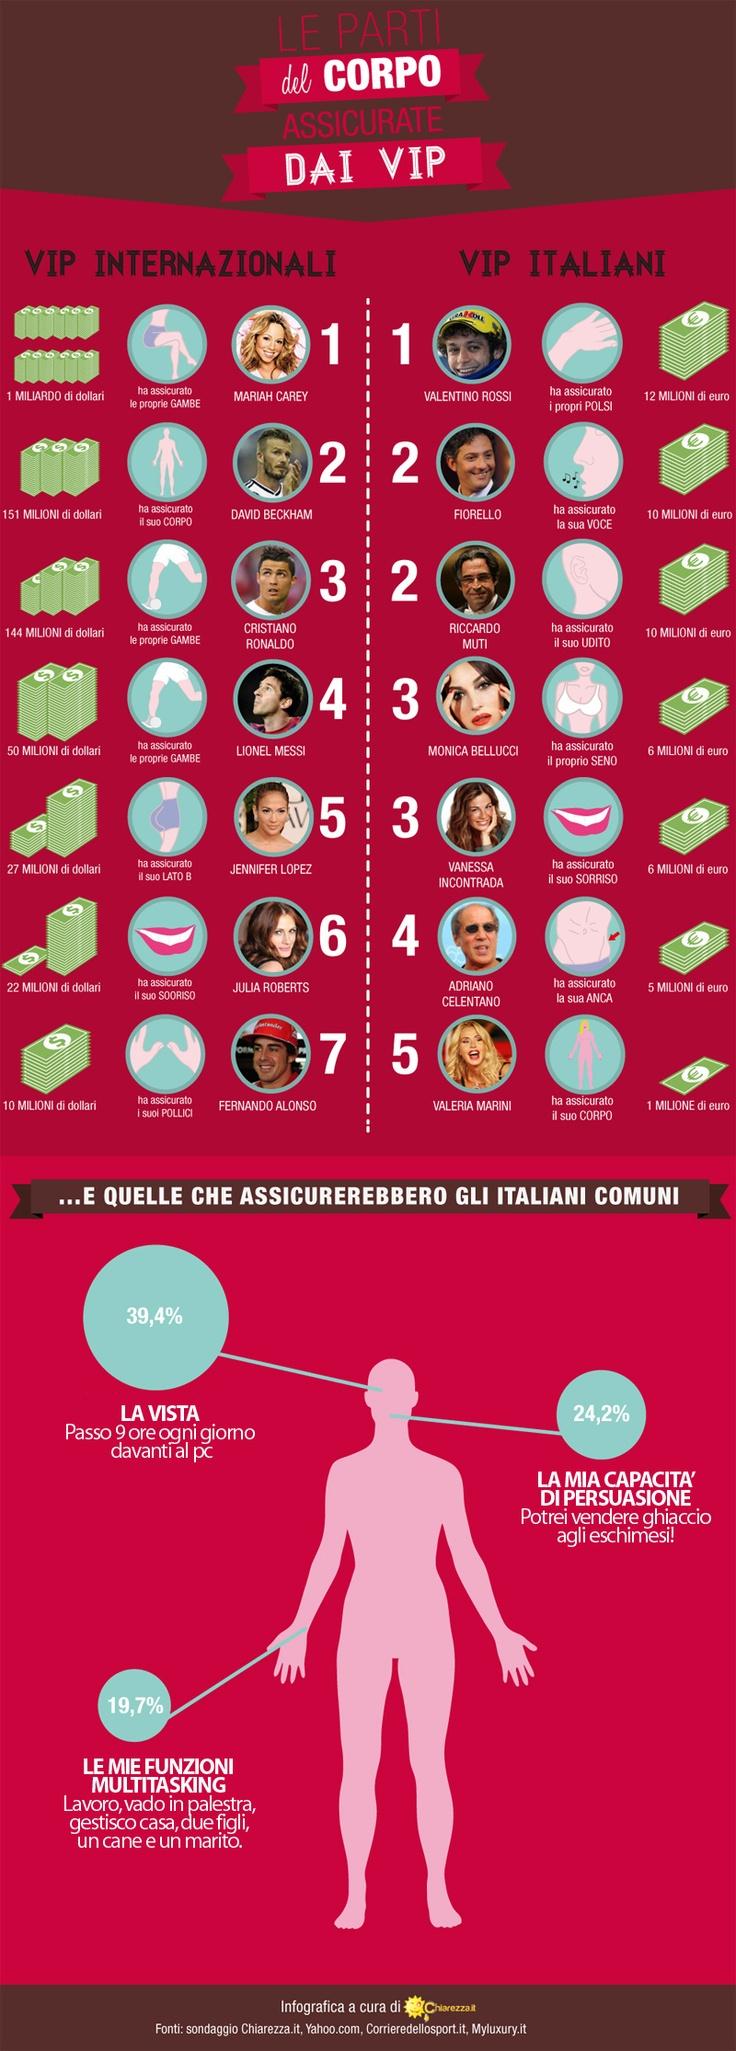 Le parti del corpo assicurate dai vip... e quelle che assicurerebbero gli italiani comuni. #infografica #chiarezza.it @mr_chiarezza